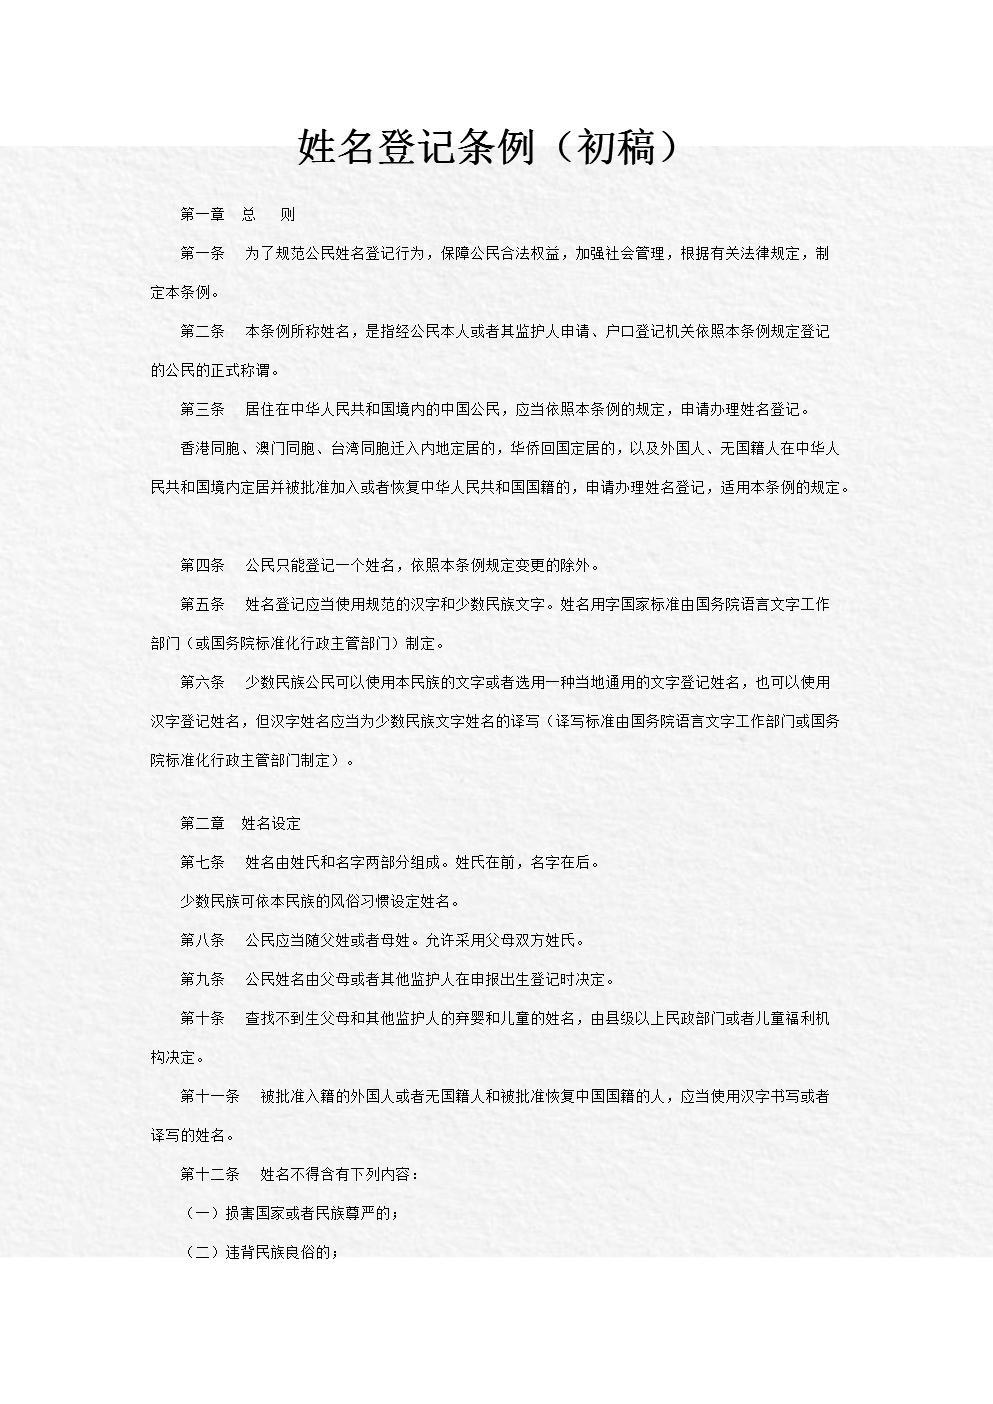 姓名登记条例(初稿).doc